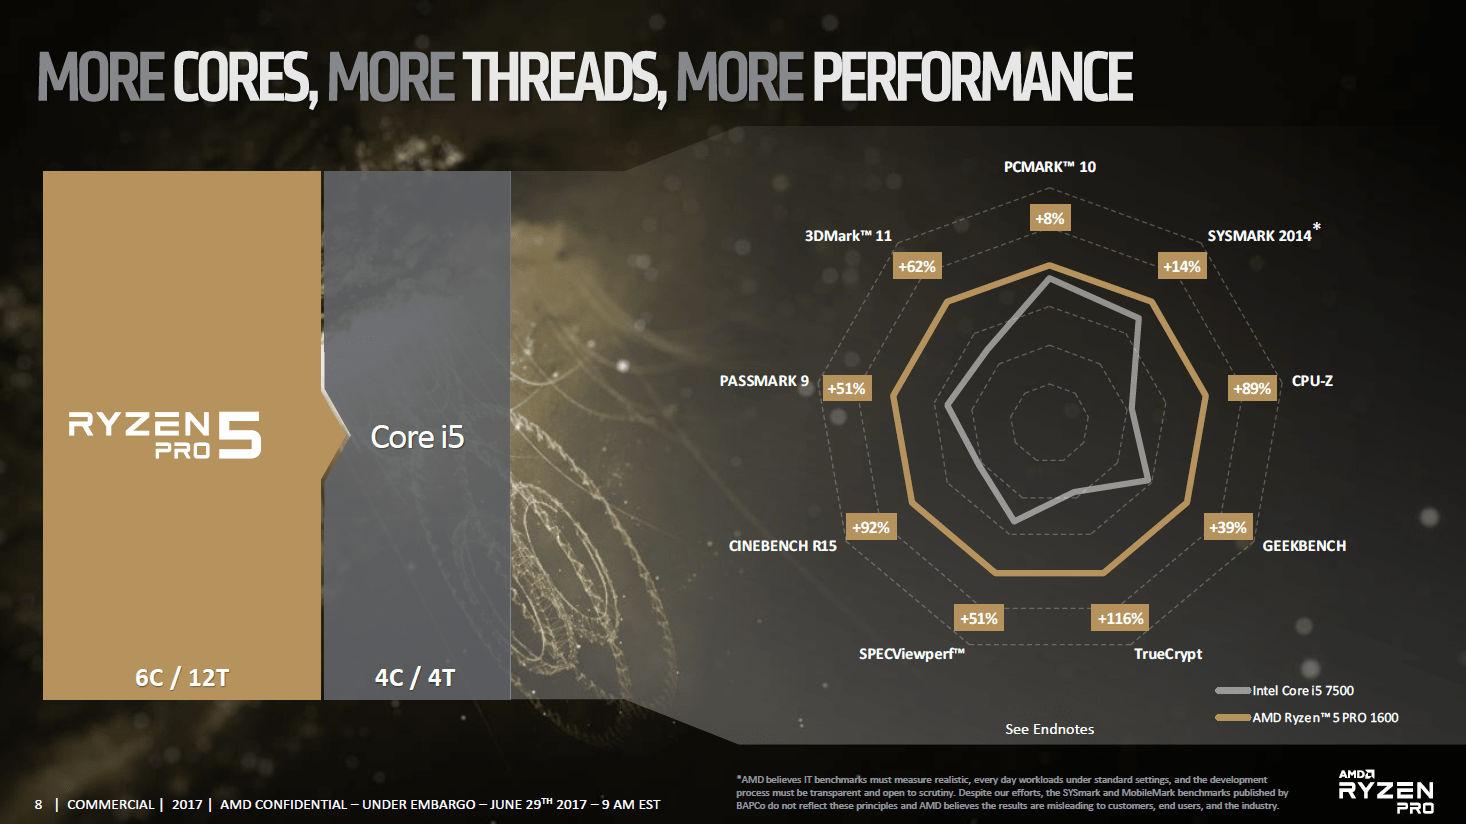 amd-ryzen-pro-enterprise-processor-launch_12